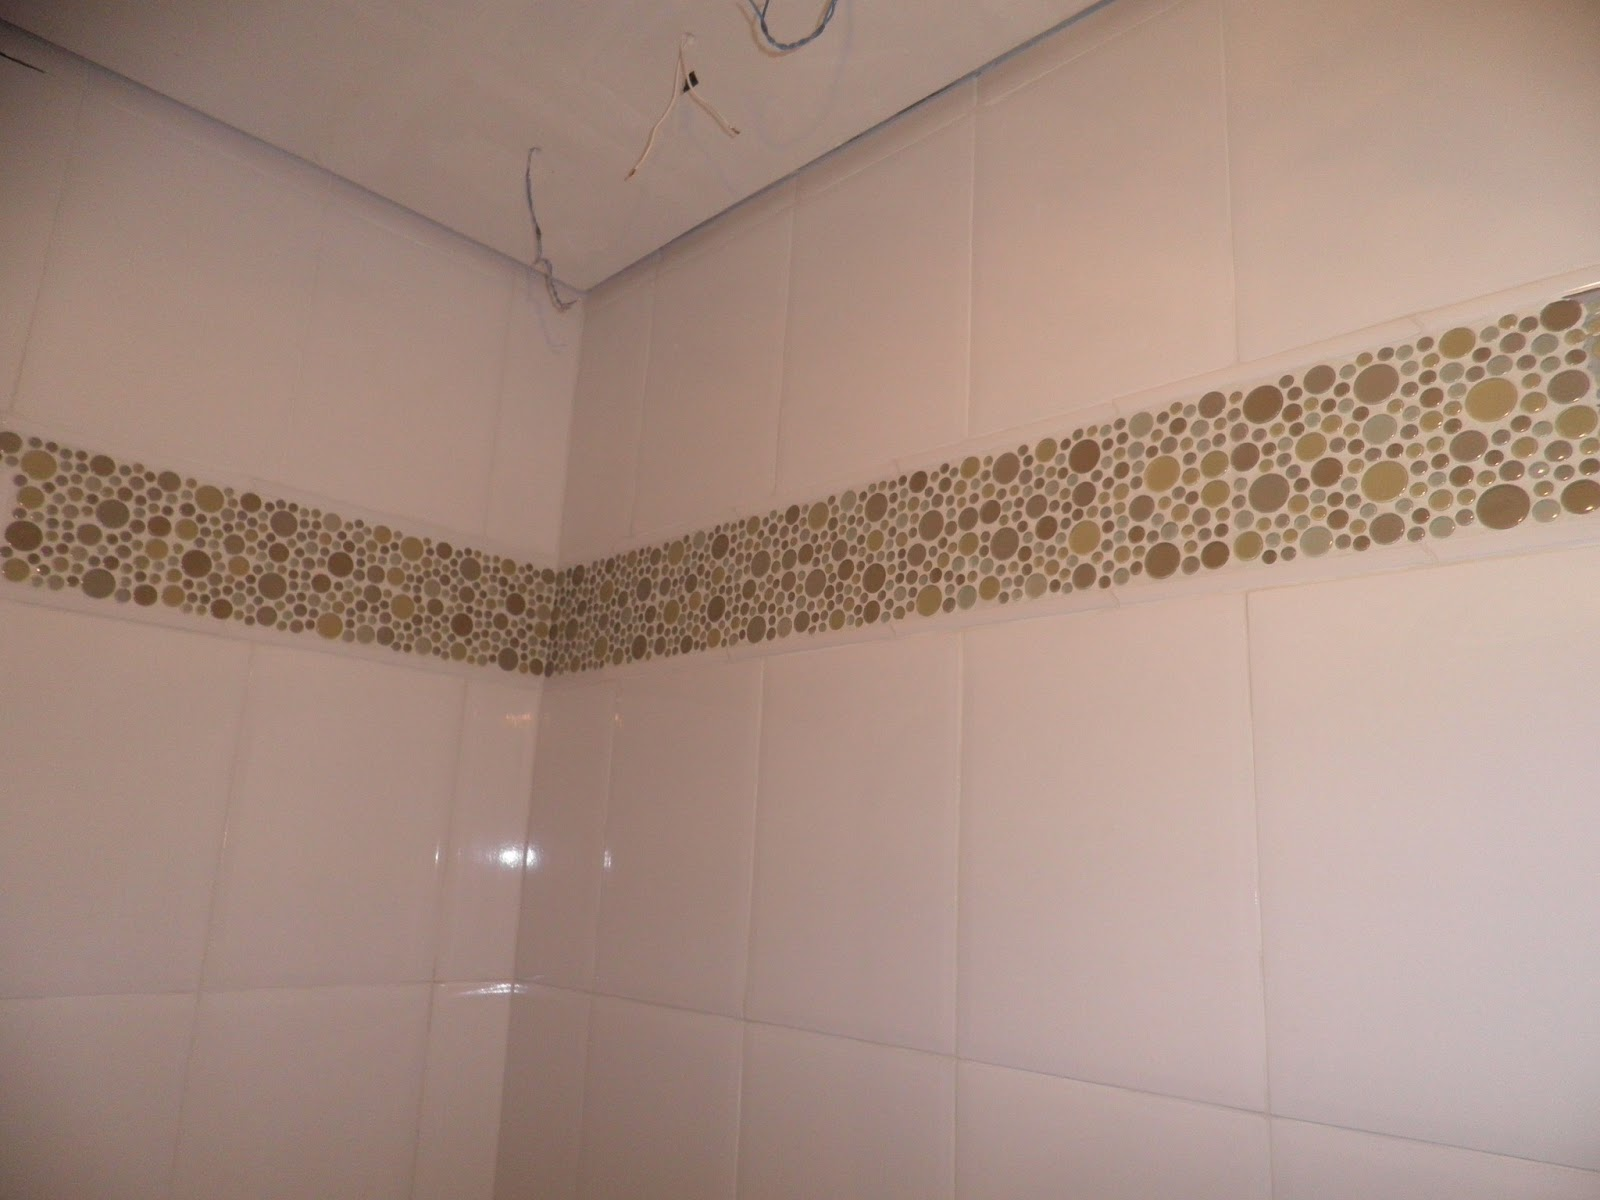 Chuveiro Tradicional Lorenzetti e gesso com bordas em tabica #825C49 1600 1200